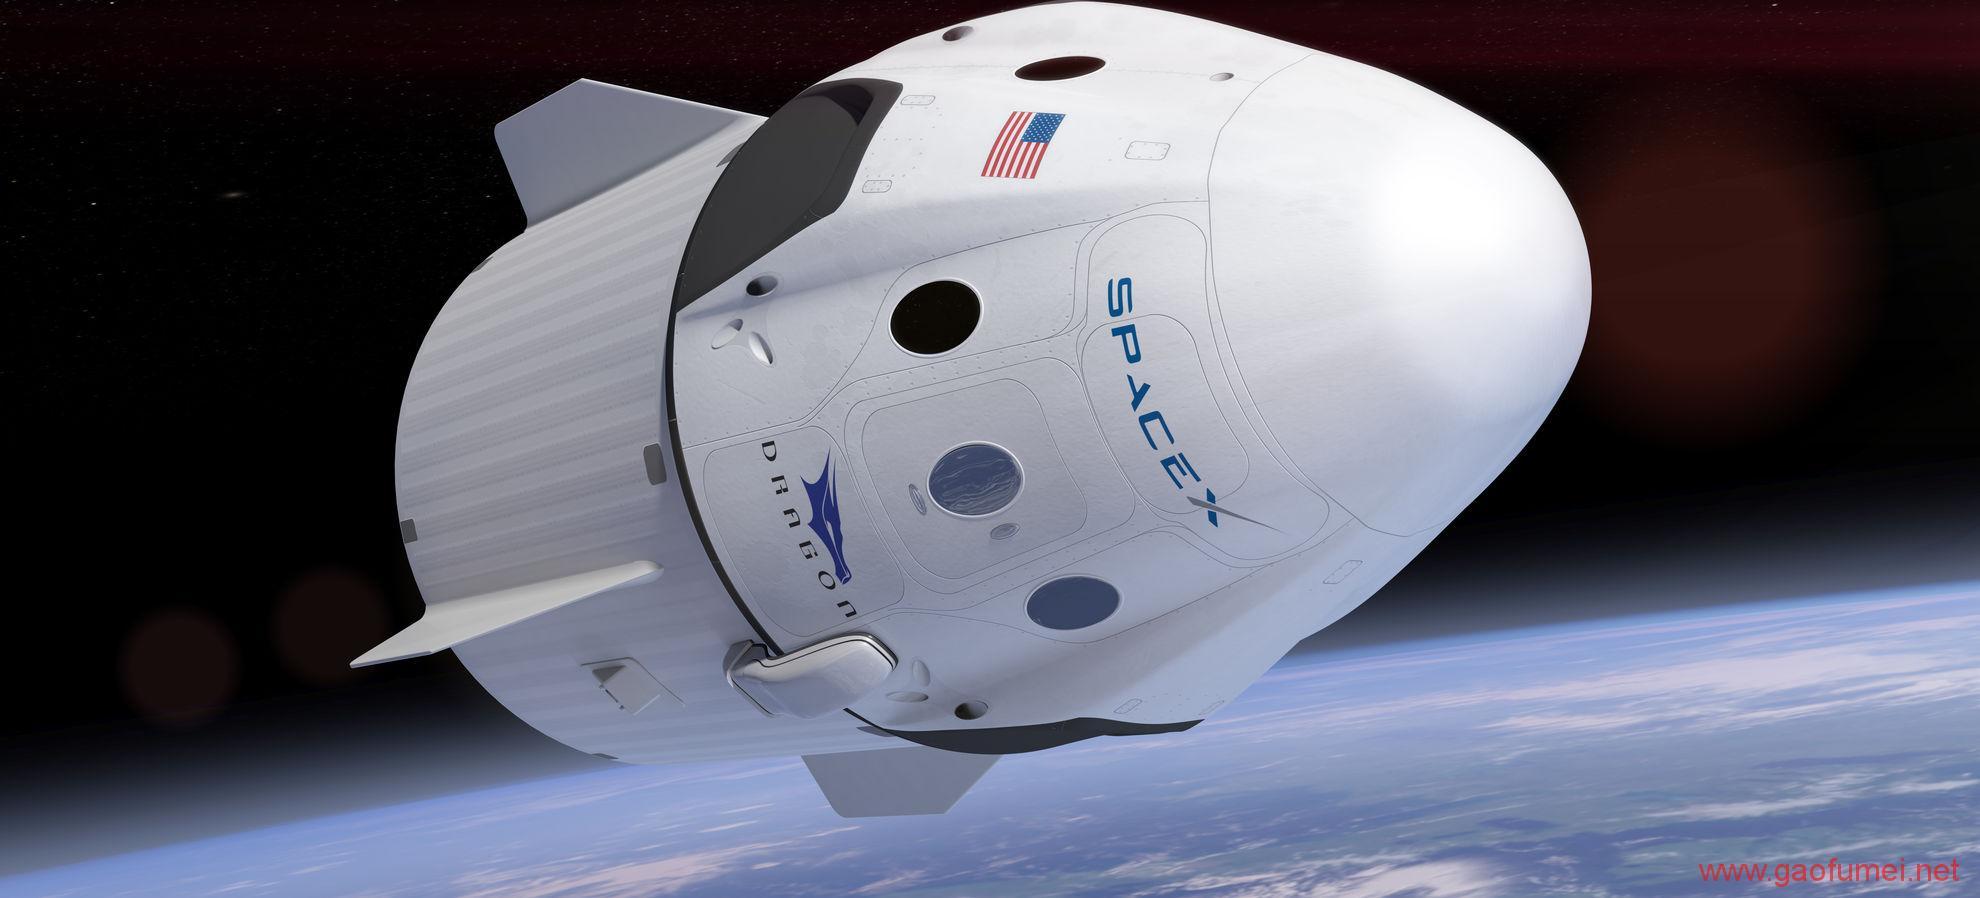 继二次回收运载火箭之后二手太空船也被SpaceX成功回收了 空间站 第1张-泥人传说